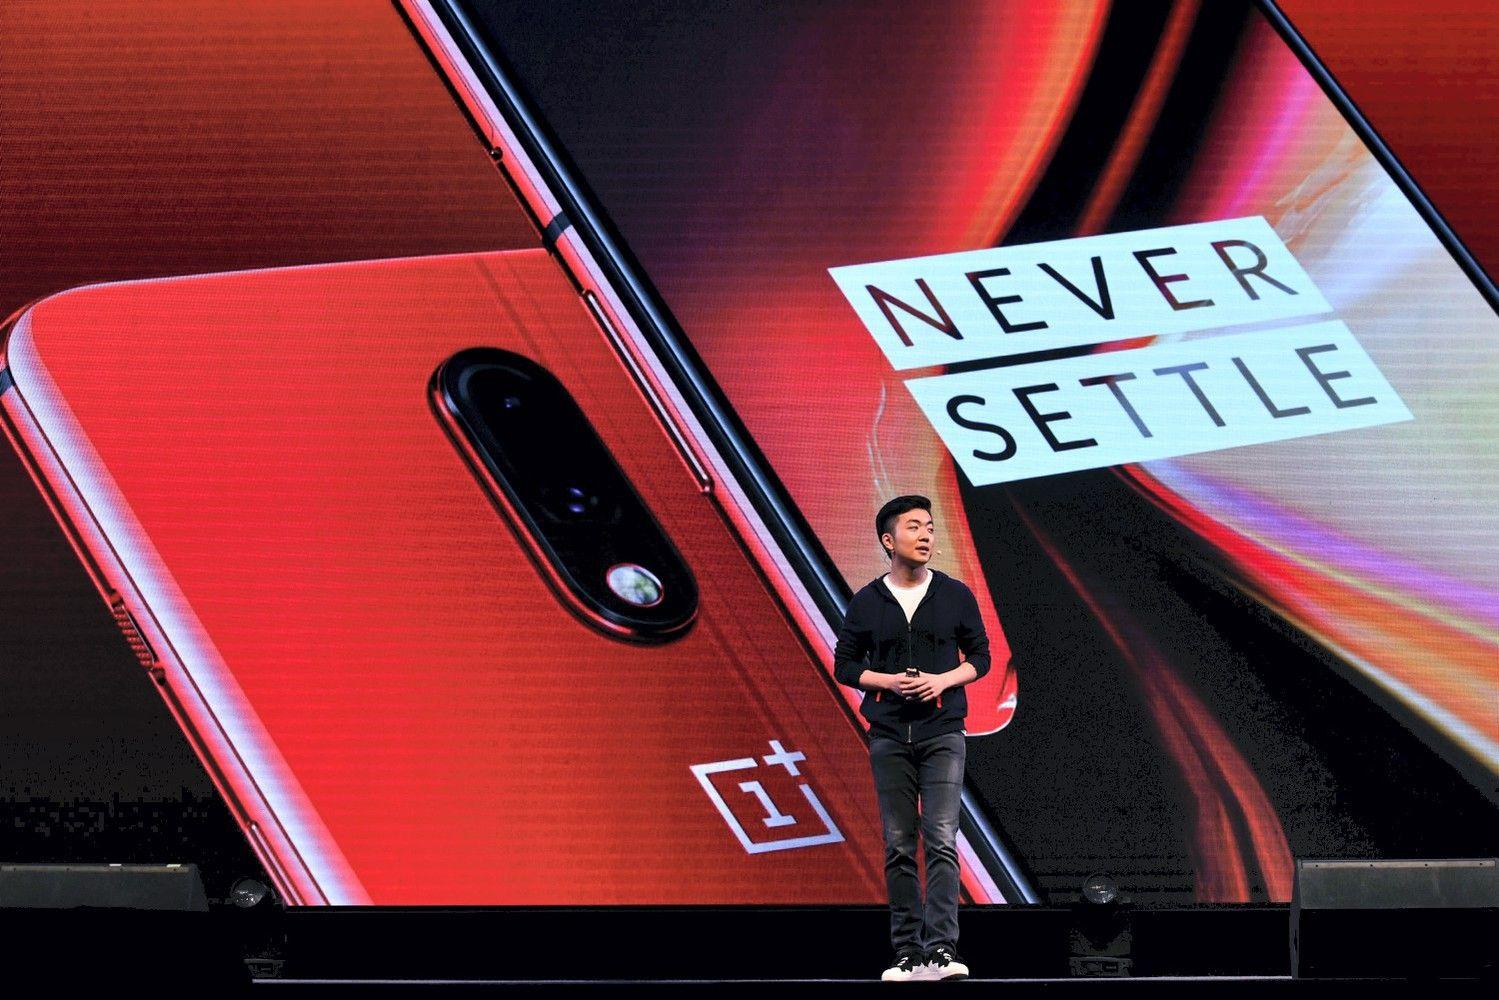 """Nauji telefonų modeliai: """"Palaikyk mano drakoną"""" arba džiuginanti Kinijos gamintojų konkurencija"""